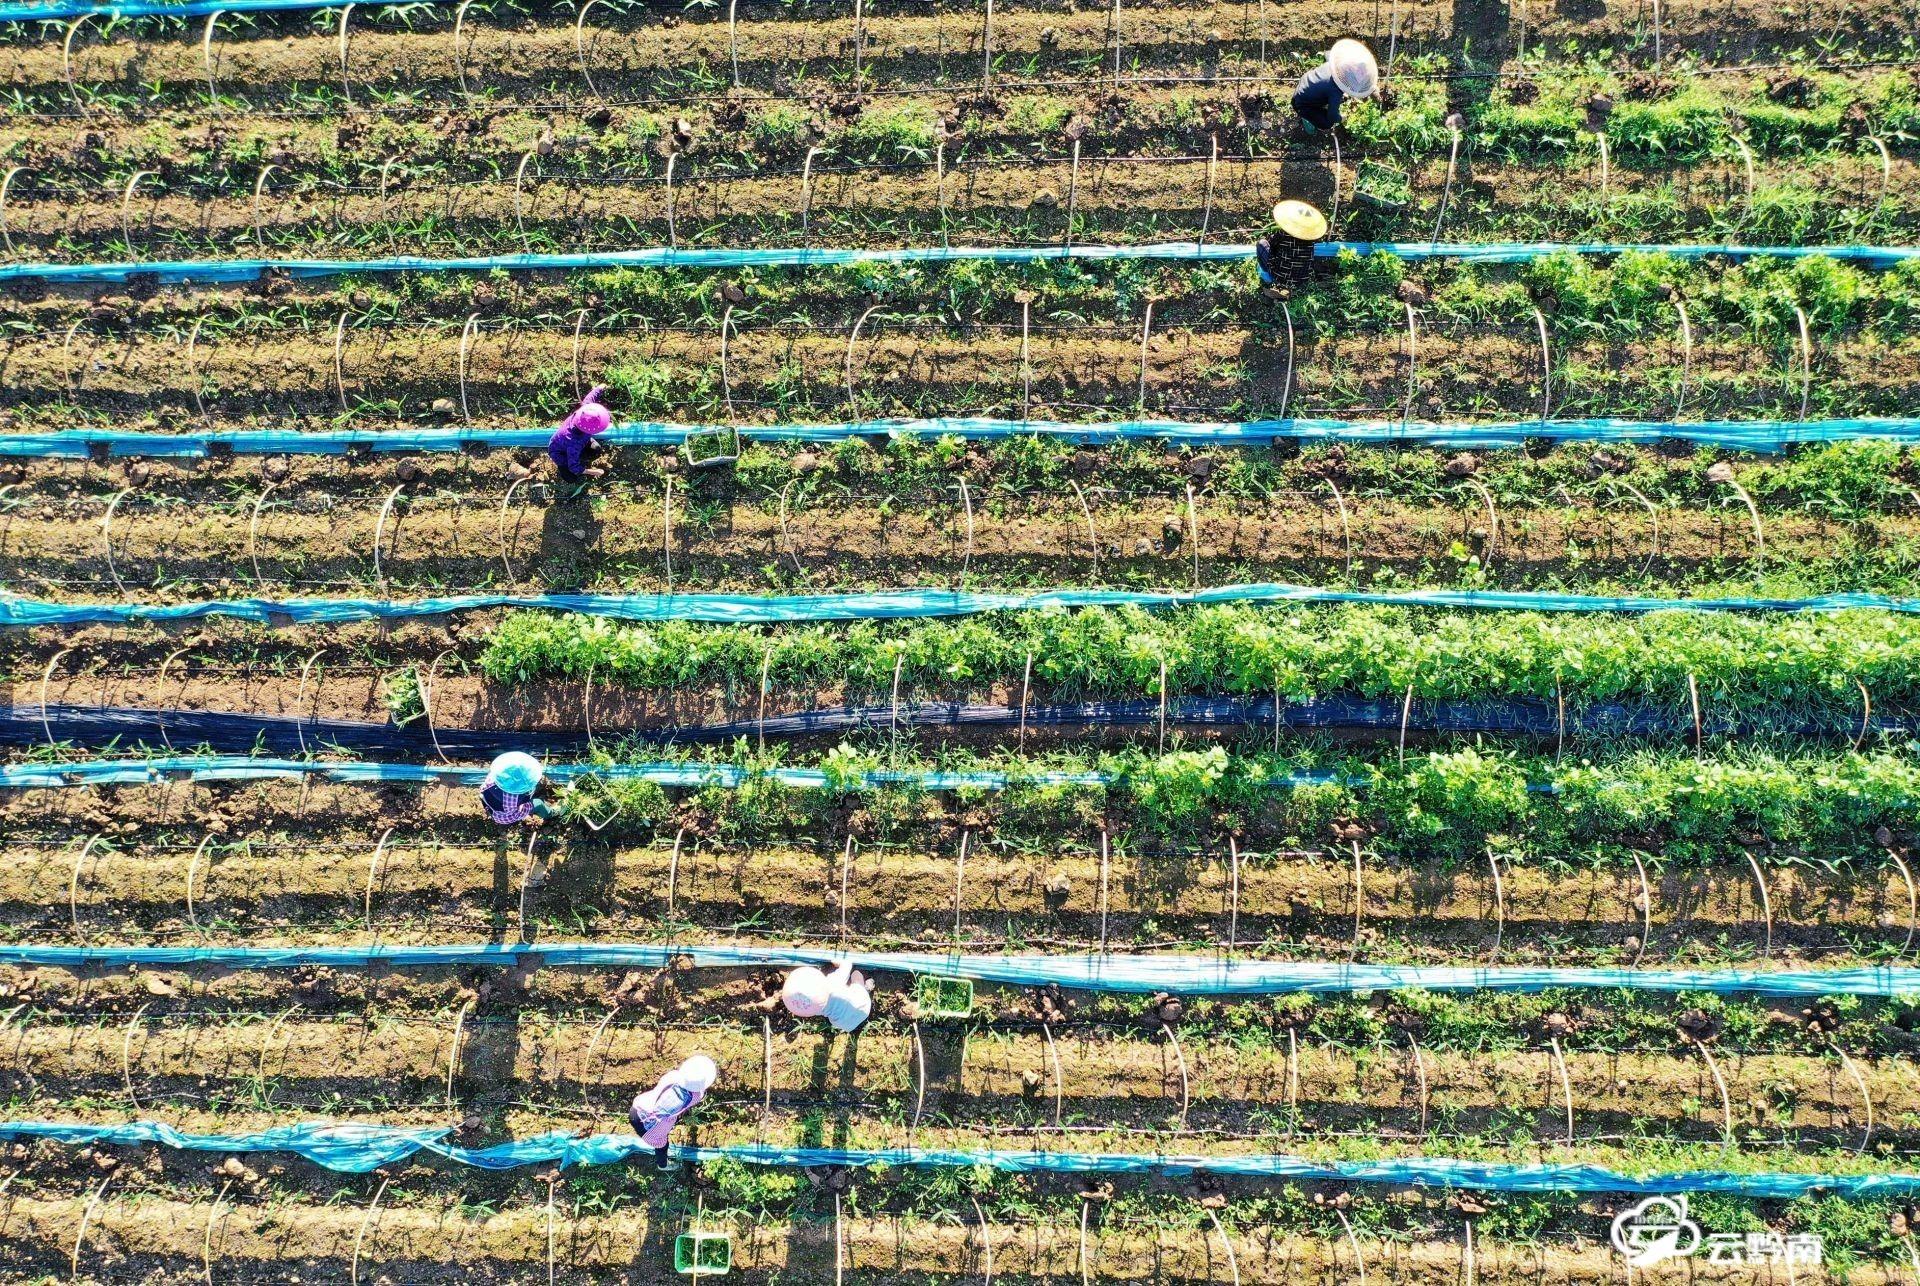 福泉:芒种时节农管忙